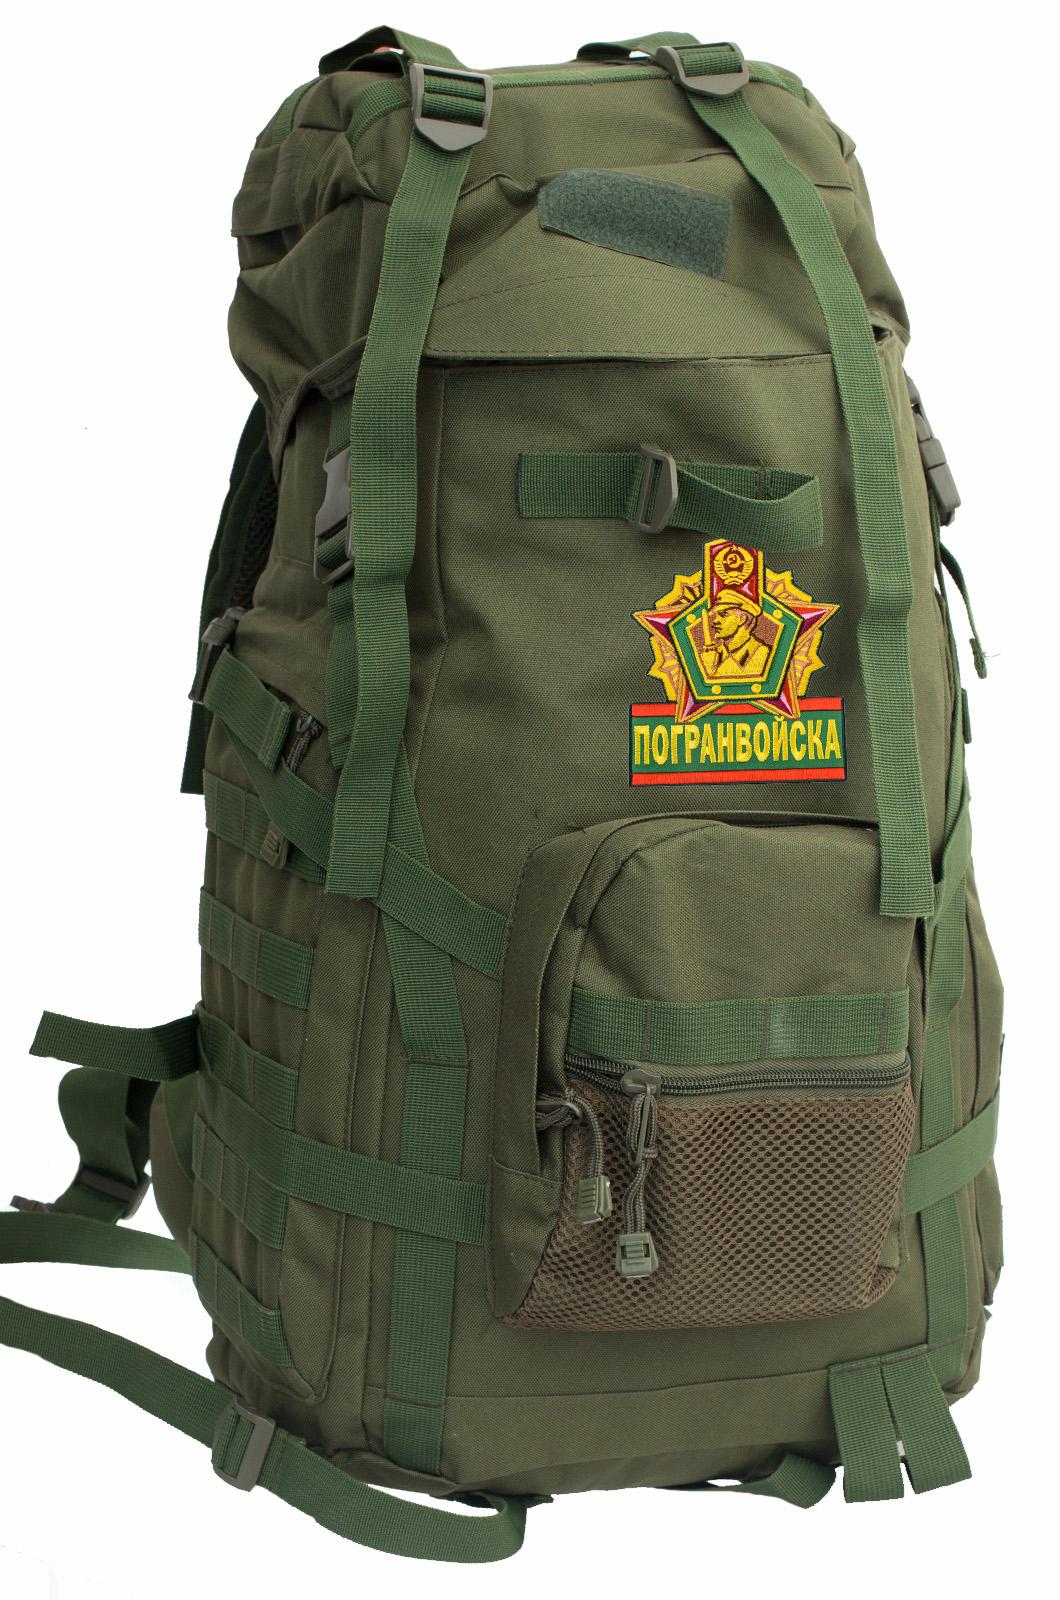 Армейский рейдовый рюкзак с шевроном Погранвойска - заказать с доставкой